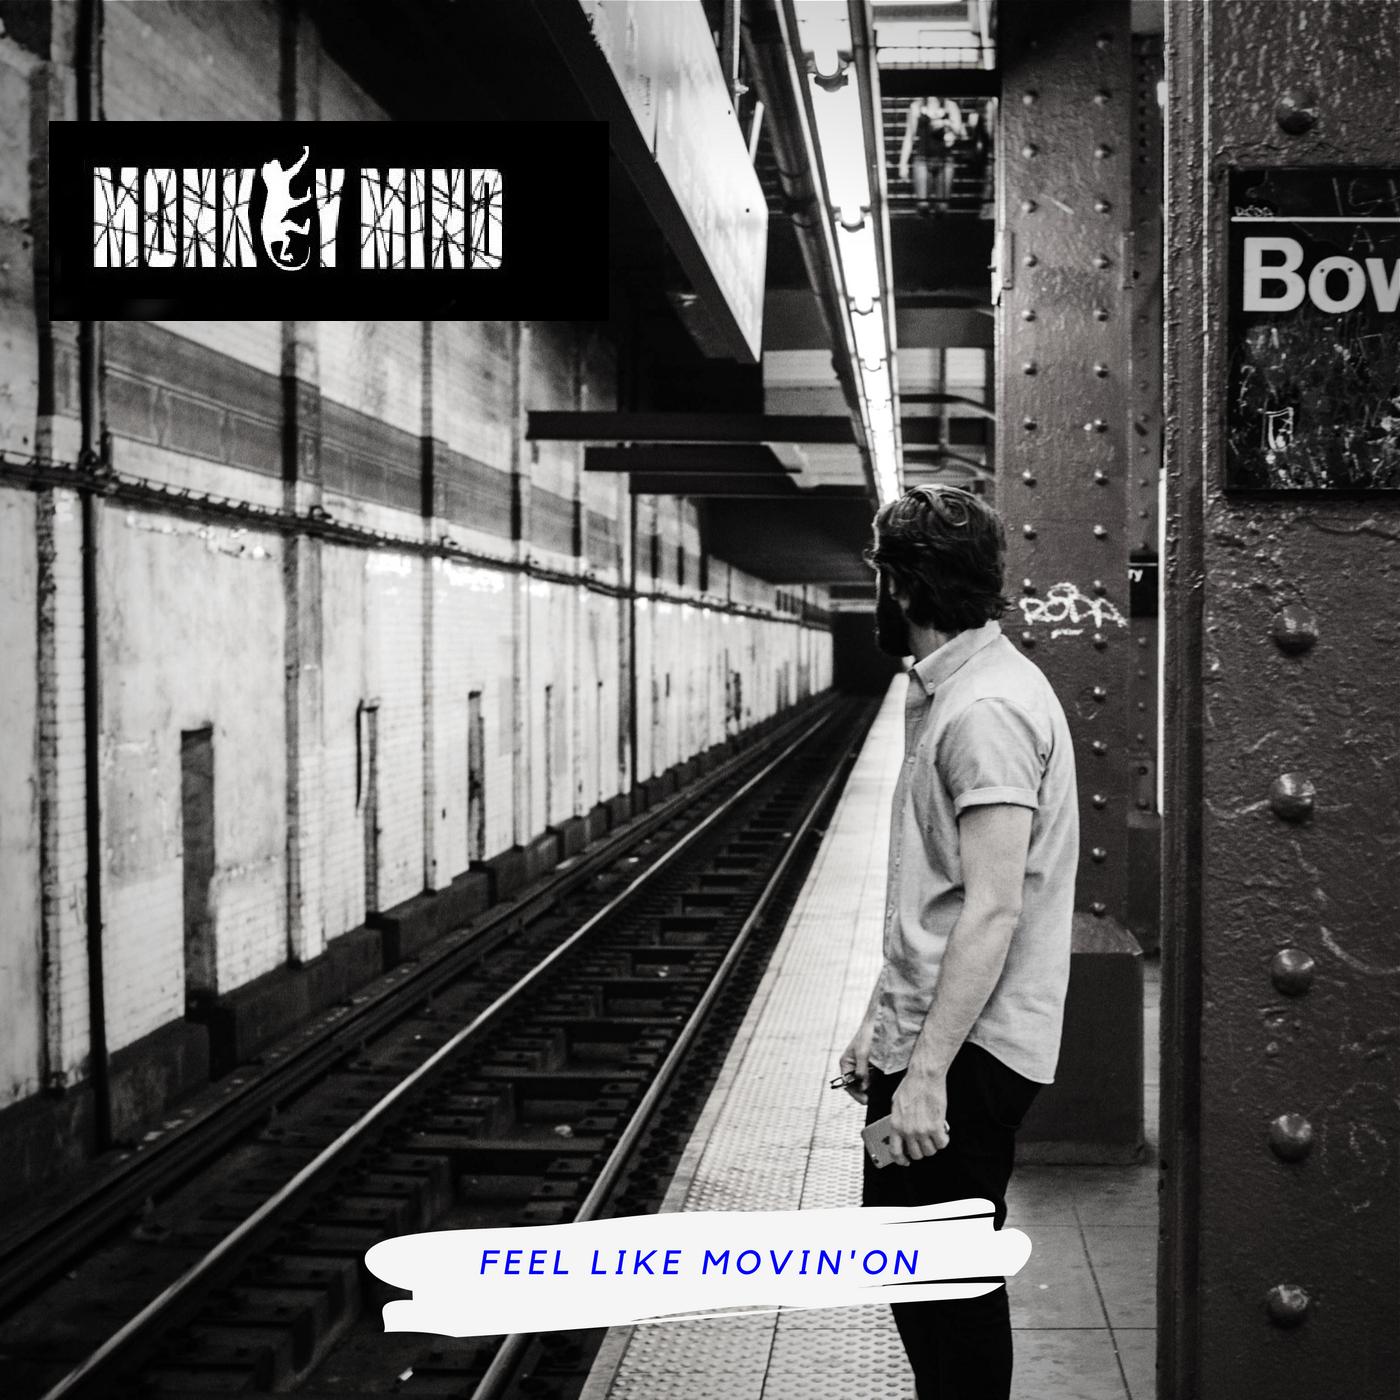 Feel like movin' on